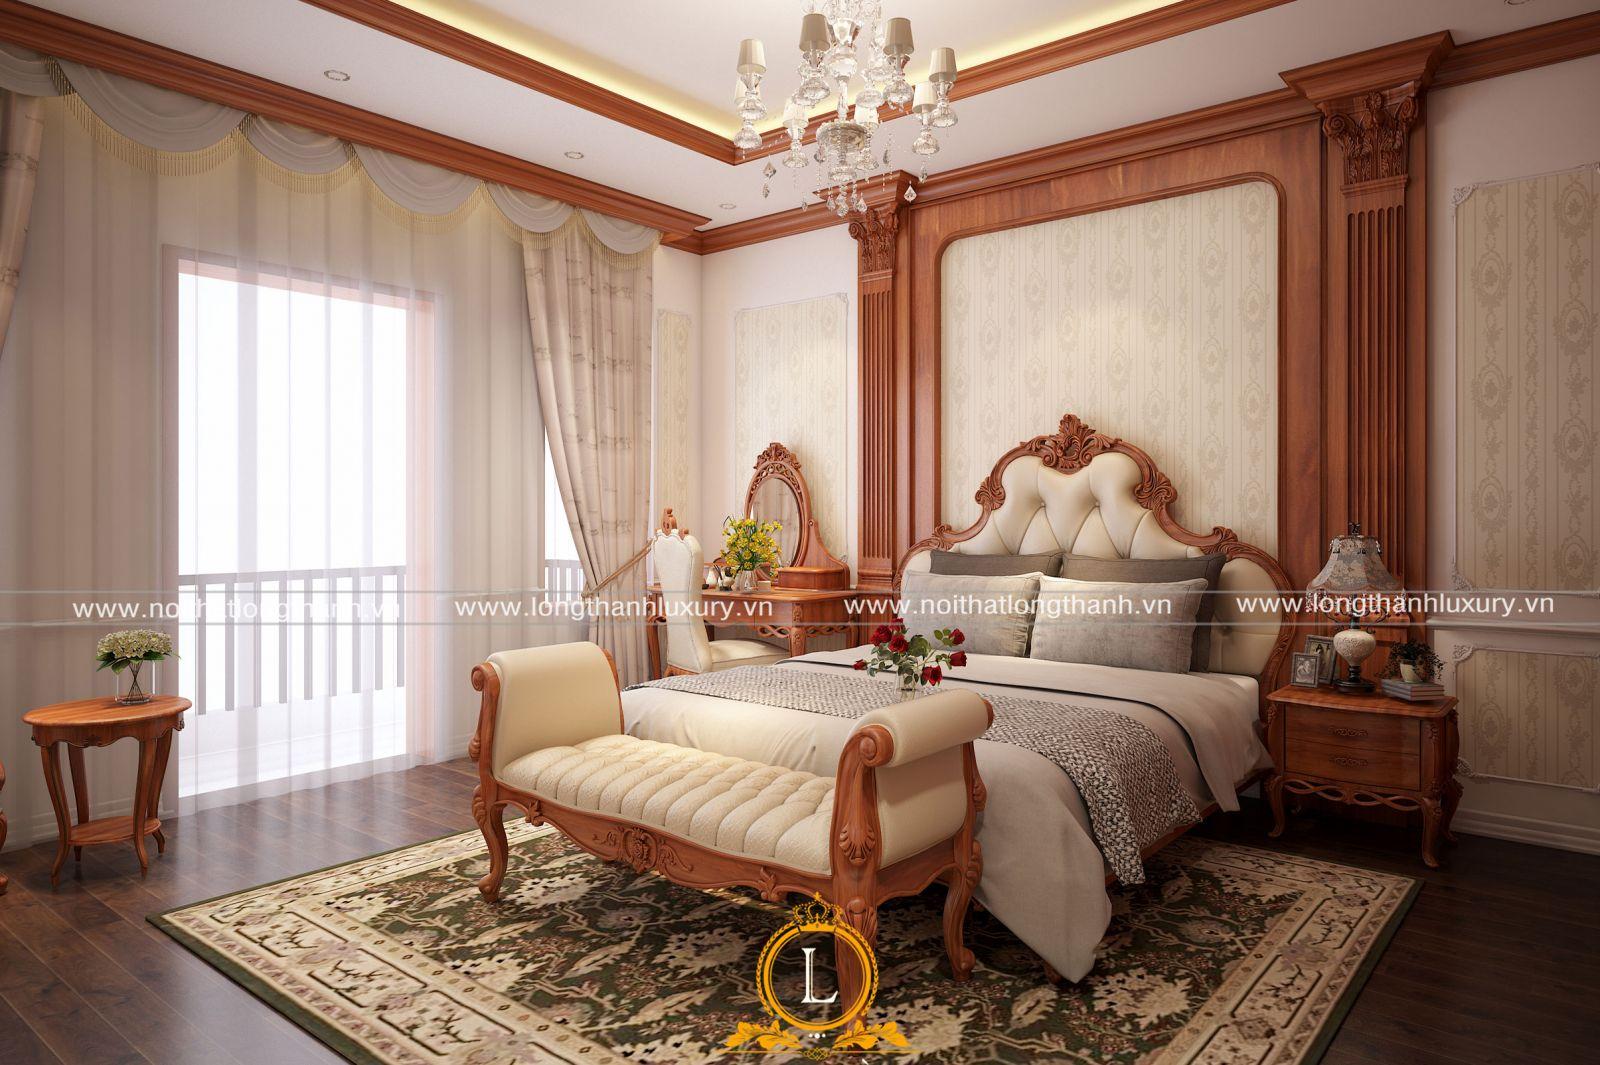 Căn phòng ngủ  trong nhà ống được thiết kế trên tầng cao thông thoáng